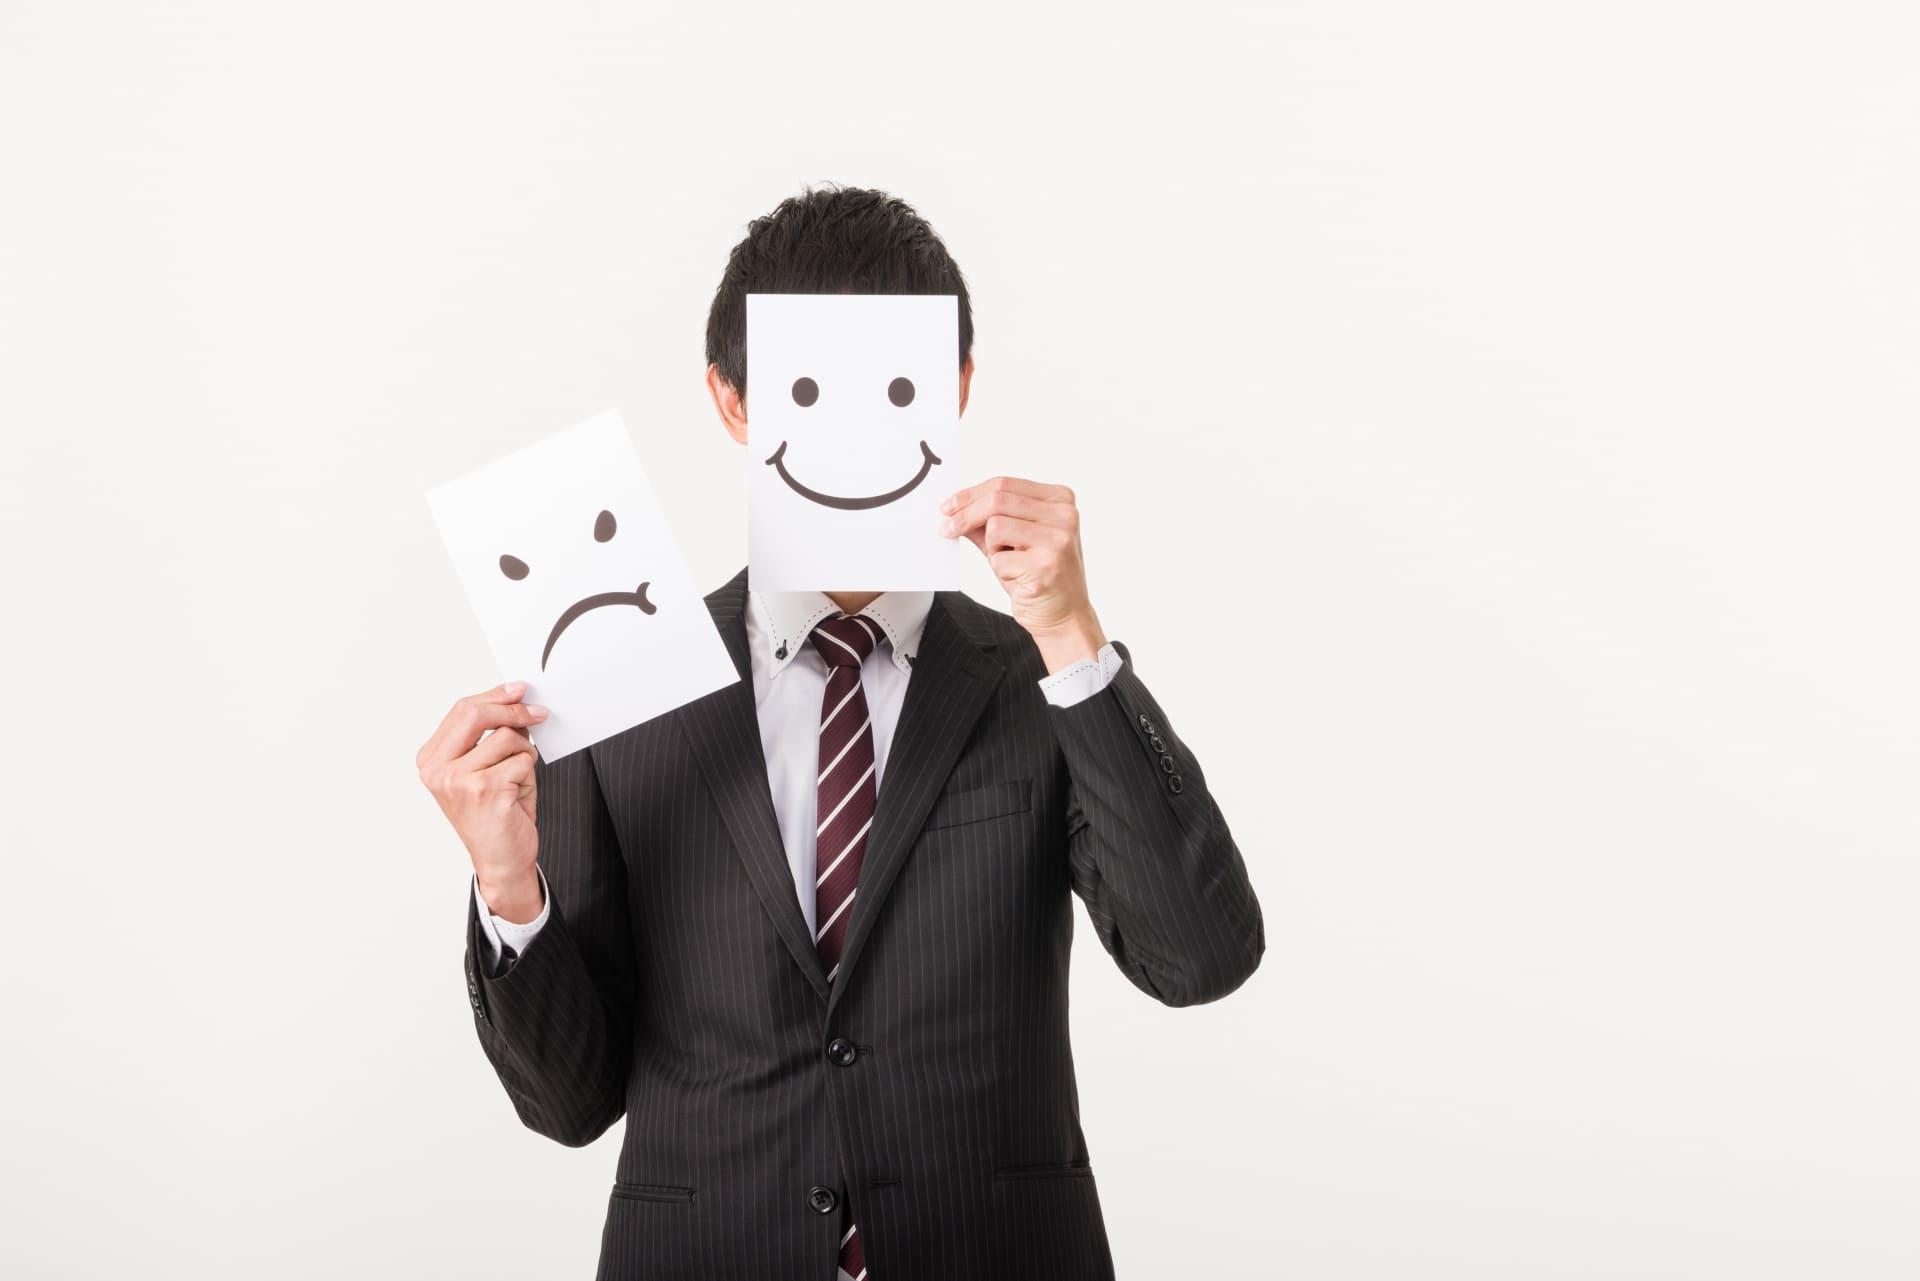 片思い占い|あなたが好きなあの人の【表の顔or裏の顔】本当の姿はどっち